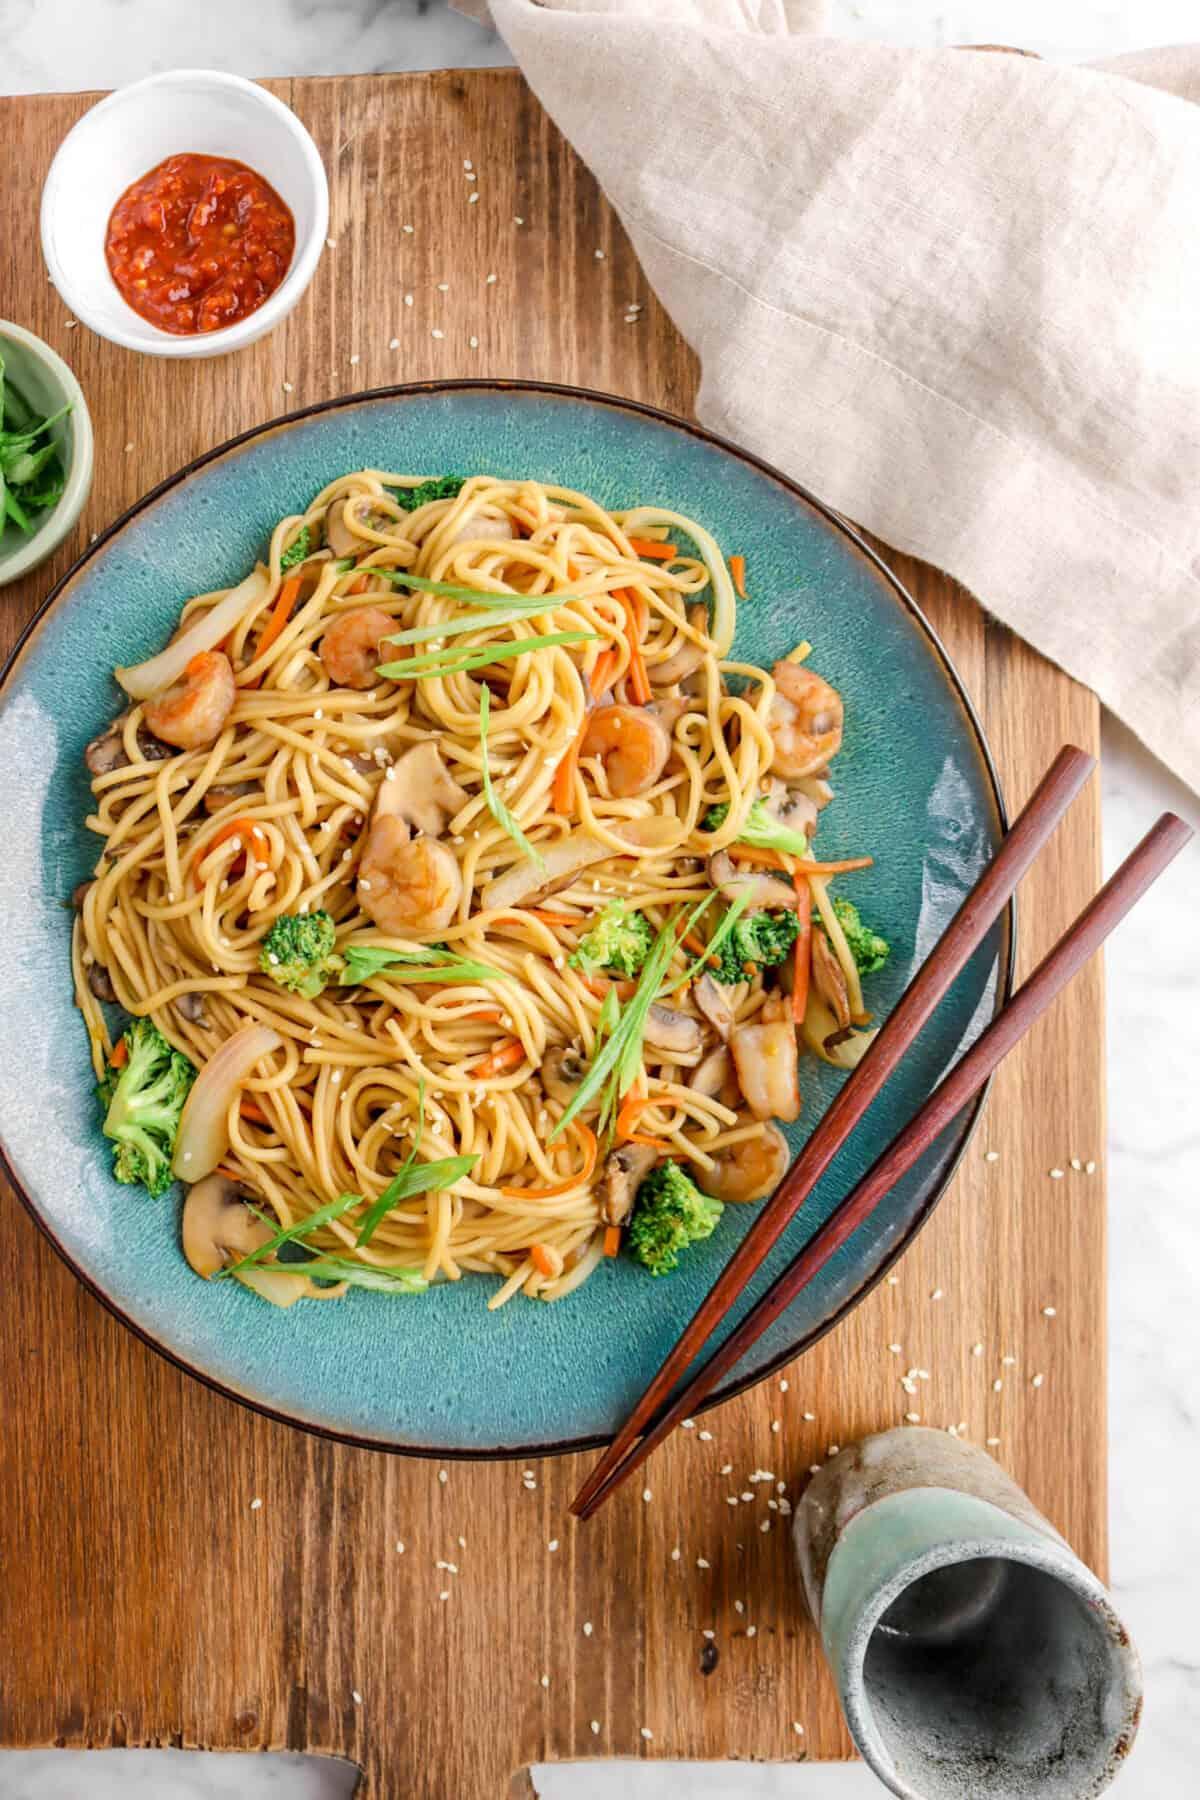 shrimp lo mein on wood board